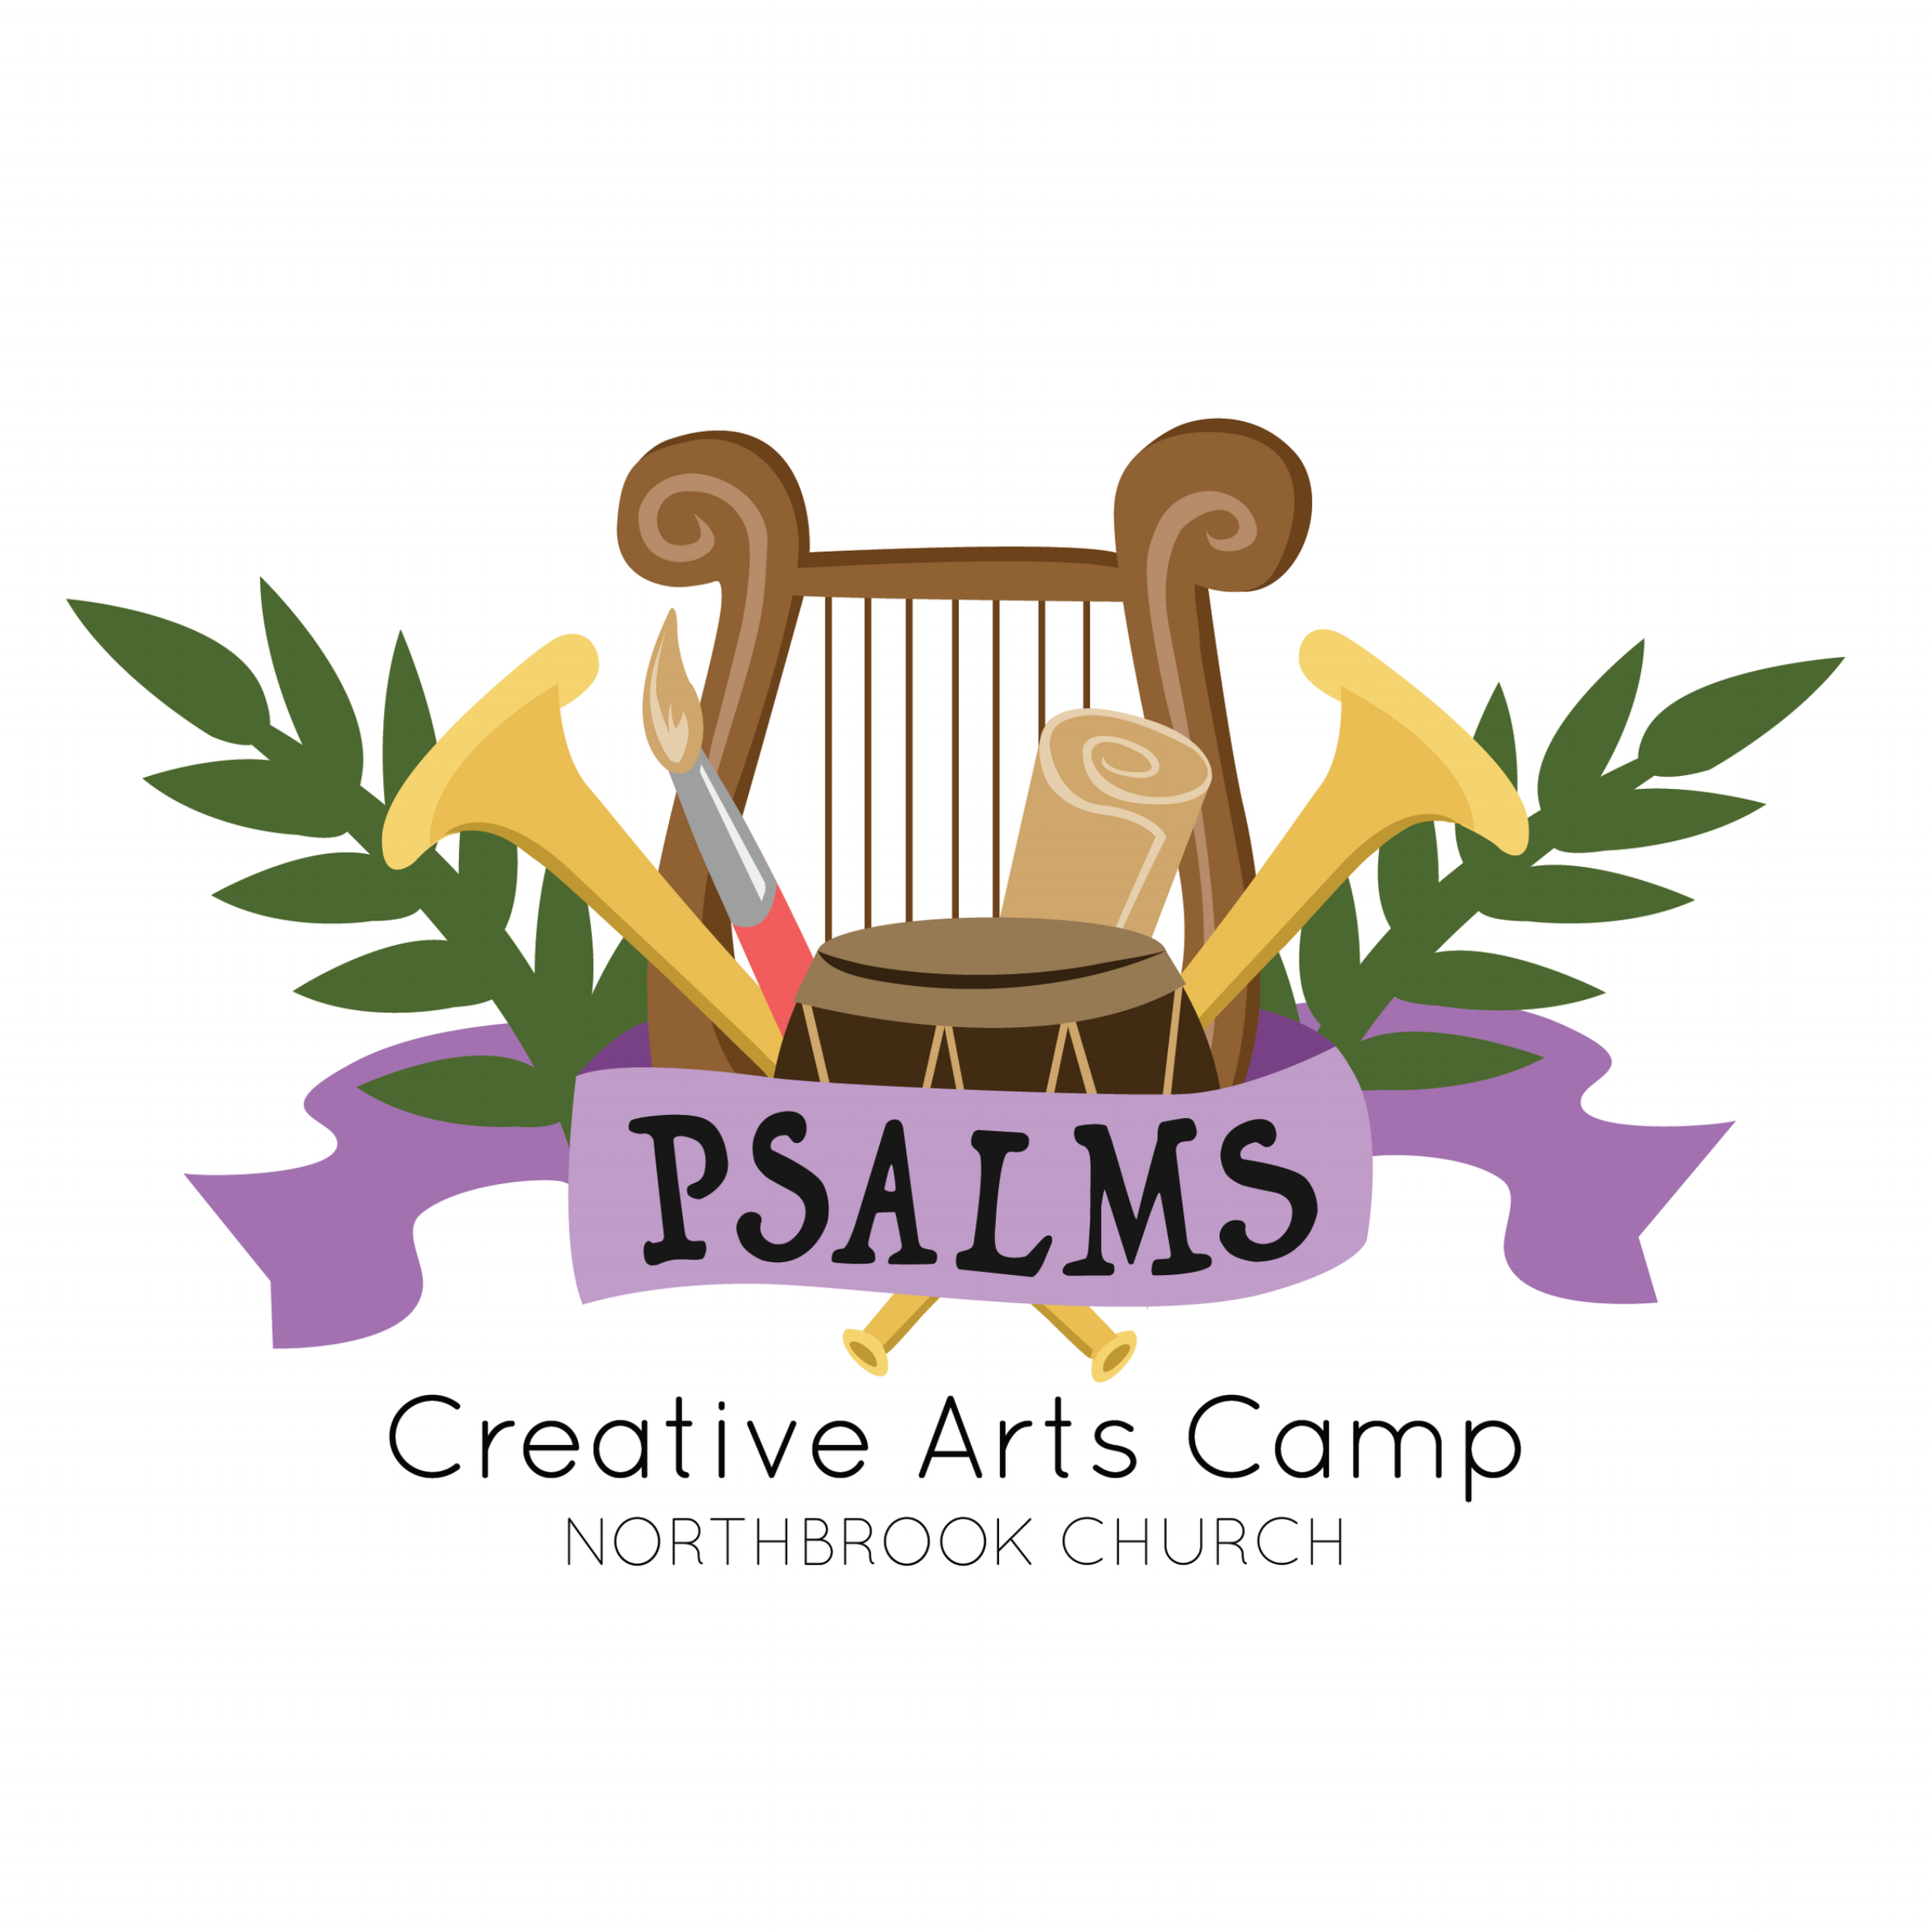 Creative Arts Camp Logo & Lanyard